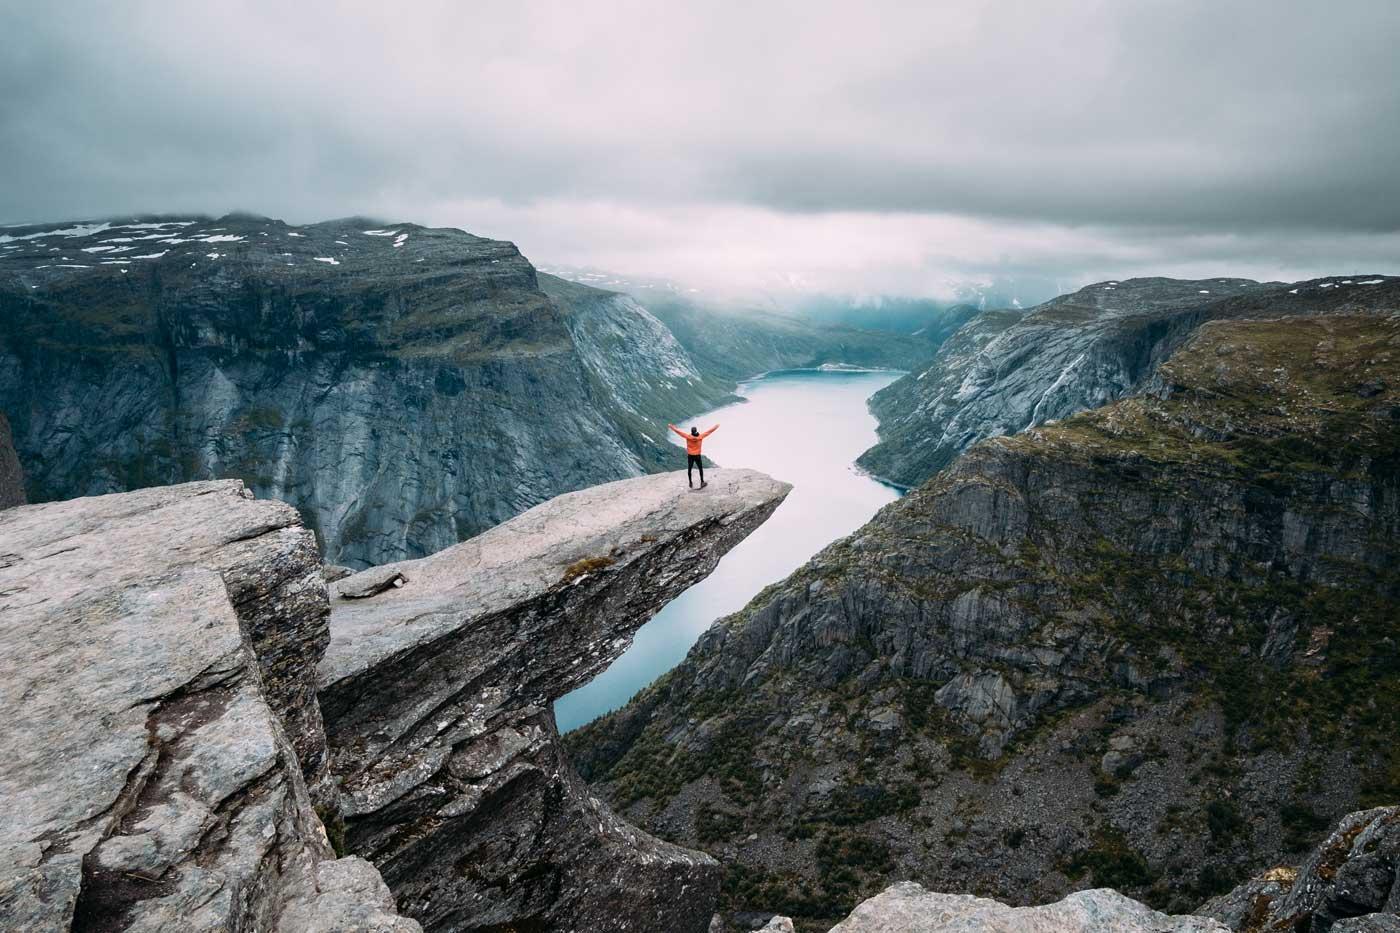 Słynna skała Trolltunga w Norwegii. Język trolla.